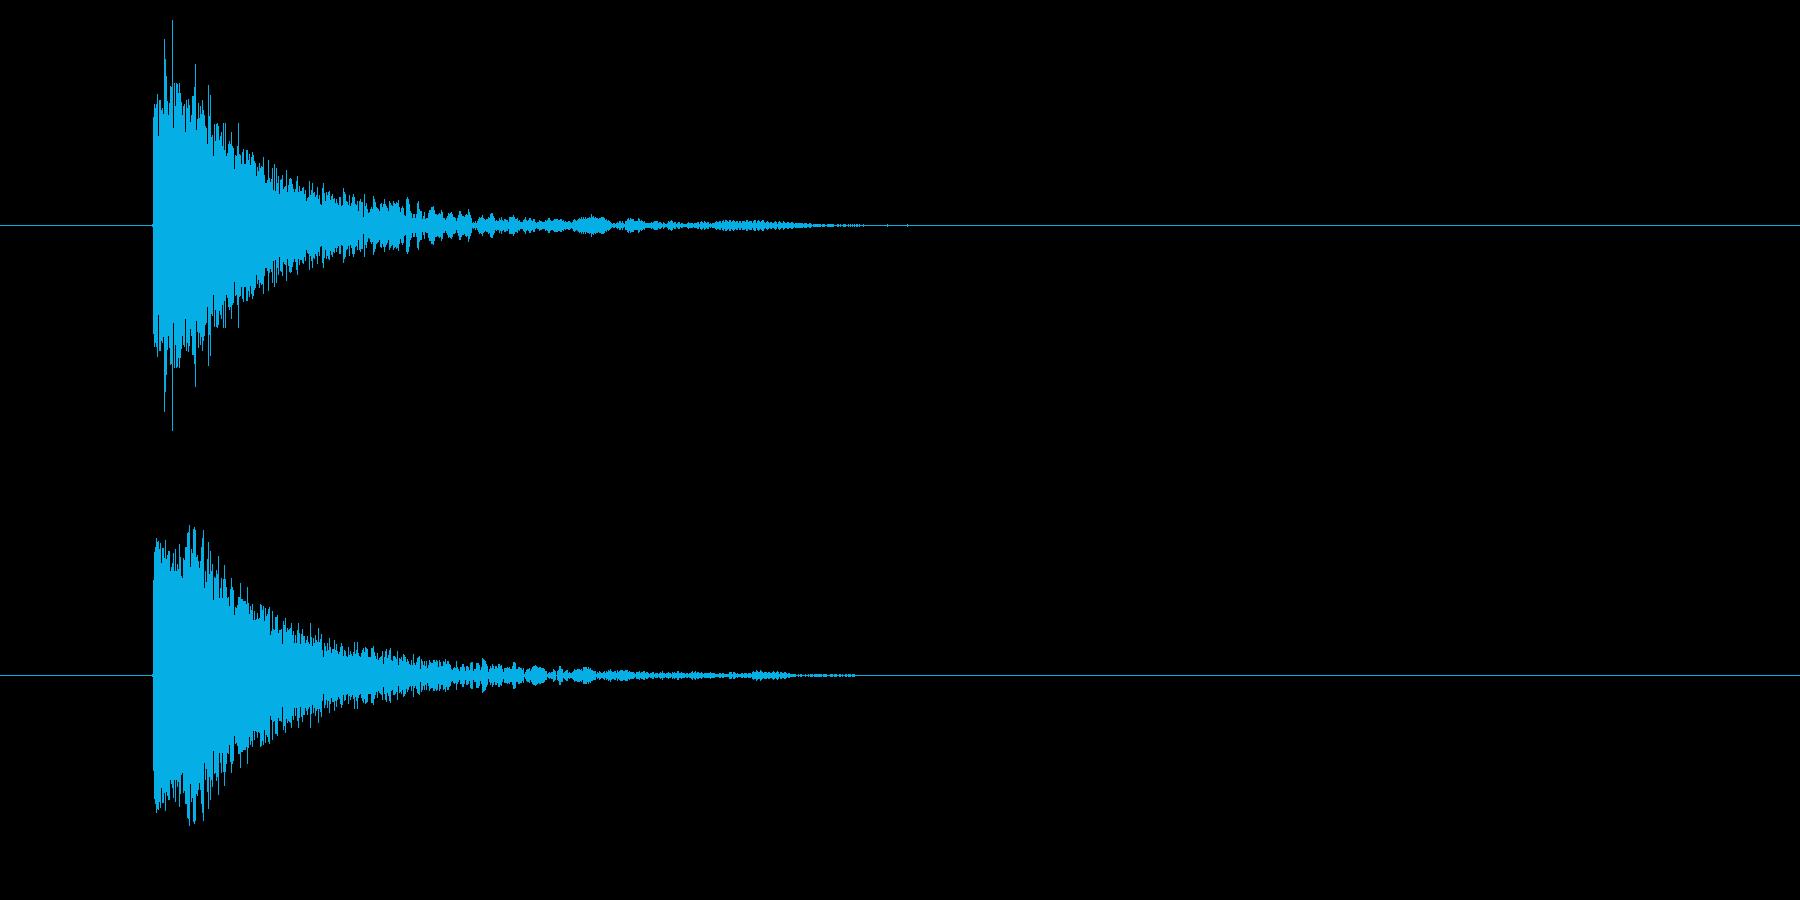 カットイン/場面の切り替え/アニメ/映像の再生済みの波形